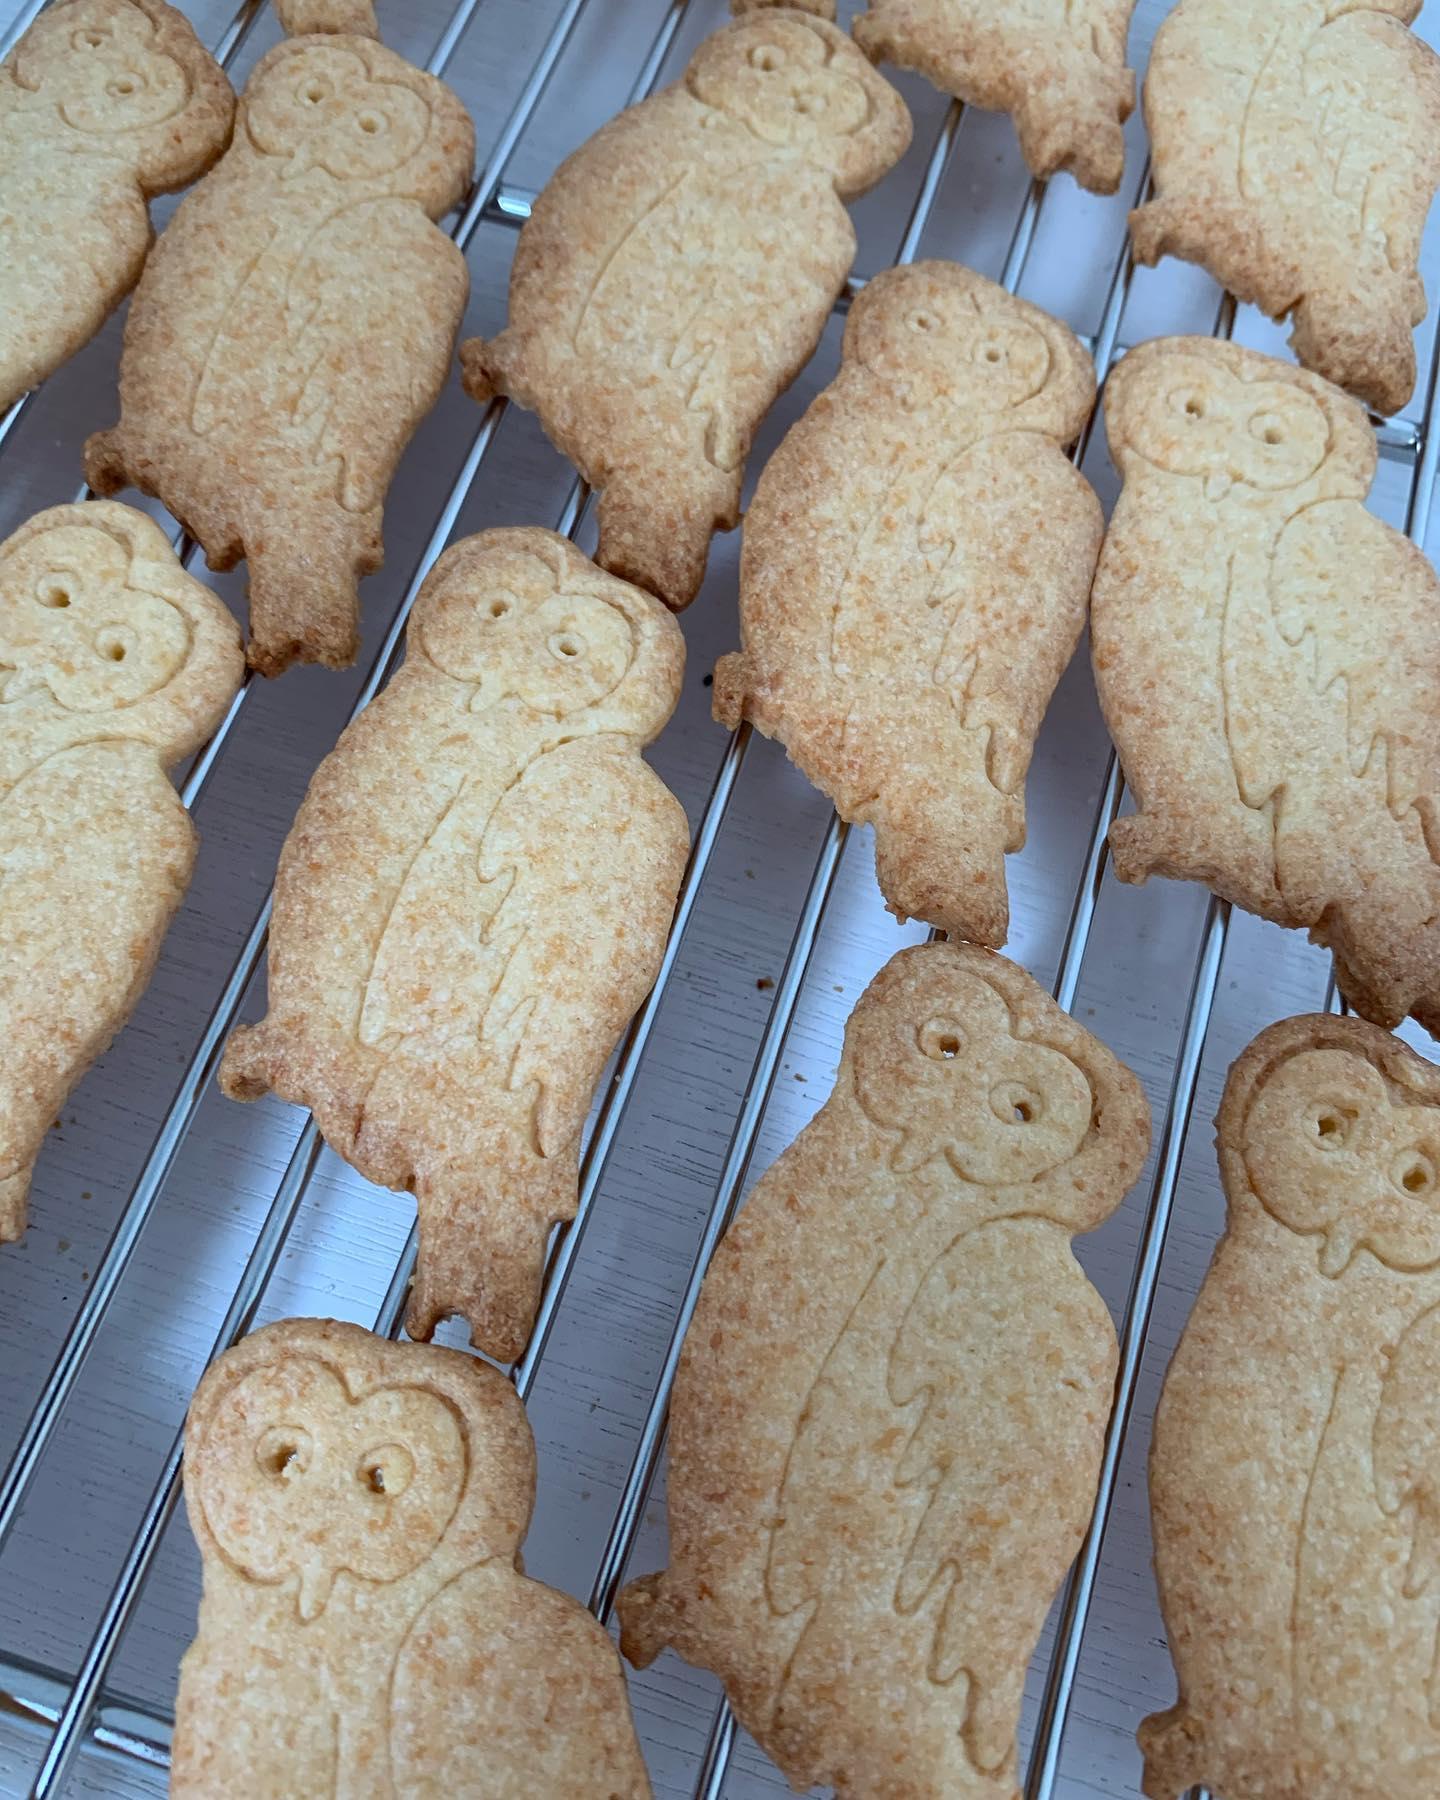 森のふくぞうクッキー焼けたよ🦉こんにちは^ - ^FIKACOFFEEエリカです️のーんびりクッキー焼いてます♪5/1〜5/5のGW中は9:00〜18:00営業です!!GW中もクッキーやコーヒー豆たちはインスタプロフィールからBASEにつながるのでご注文&発送出来ます(^O^)森のふくぞうクッキーは塩チーズクッキーです🧀甘さ控えめで、おすすめはスパークリングか白ワインに合わせるといい感じですー️弱いけどお酒好きなエリカより🤣FIKA COFFEE(フィーカ コーヒー)福岡県福岡市博多区下川端町3-1 博多リバレイン1FTEL0922926601営業時間→平日9:00〜20:00  土日祝9:00〜18:00店休日→不定休(早く閉めたり休んだりすることもあります)#cafe#coffee#fika#fikacoffee#福岡#福岡グルメ#福岡カフェ#博多#博多カフェ#中洲#博多座#福岡アジア美術館#クッキー#福岡クッキー#cookie#くまチョコミルク#ランチ#ティラミス#フレンチトースト#ummp#うむぷ#赤毛のマチコ#たま乗りジョニーのコーヒーゼリー#コーヒーゼリー